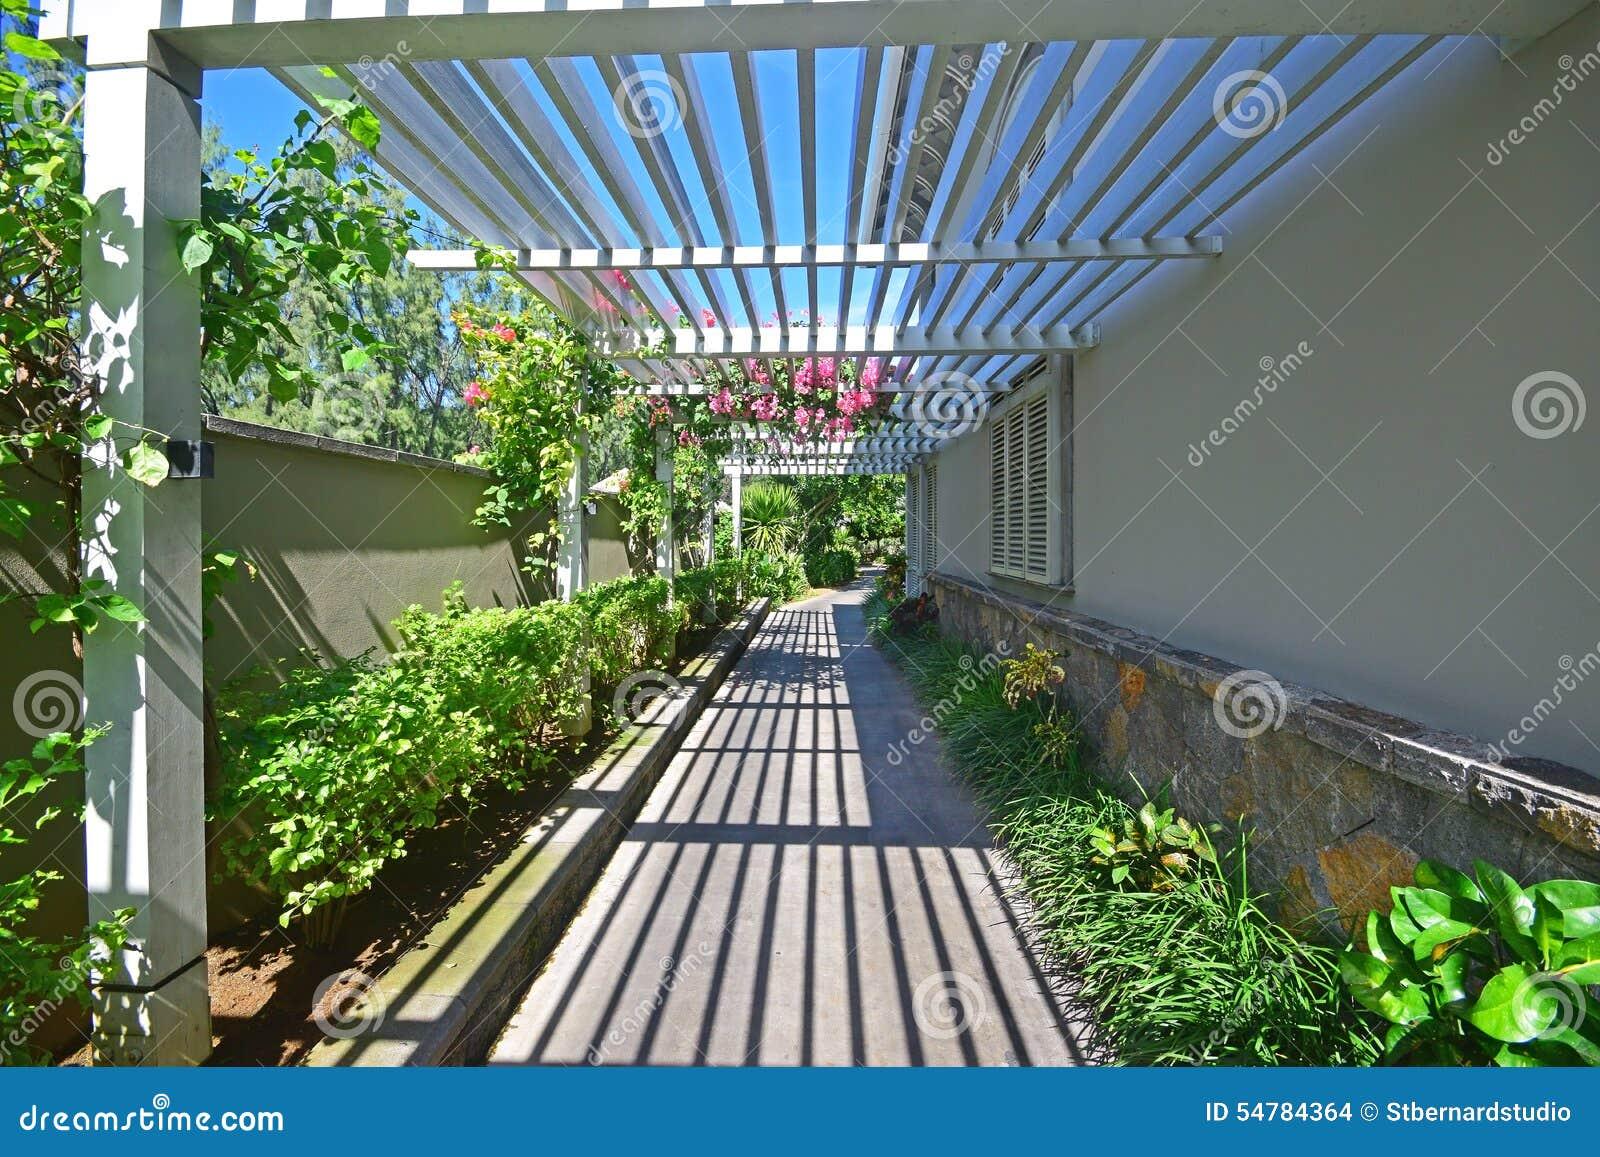 Le Passage Couvert Avec La Veranda Aiment Le Dessus De Toit En Bois Semi Ouvert Photo Stock Image Du Aiment Dessus 54784364